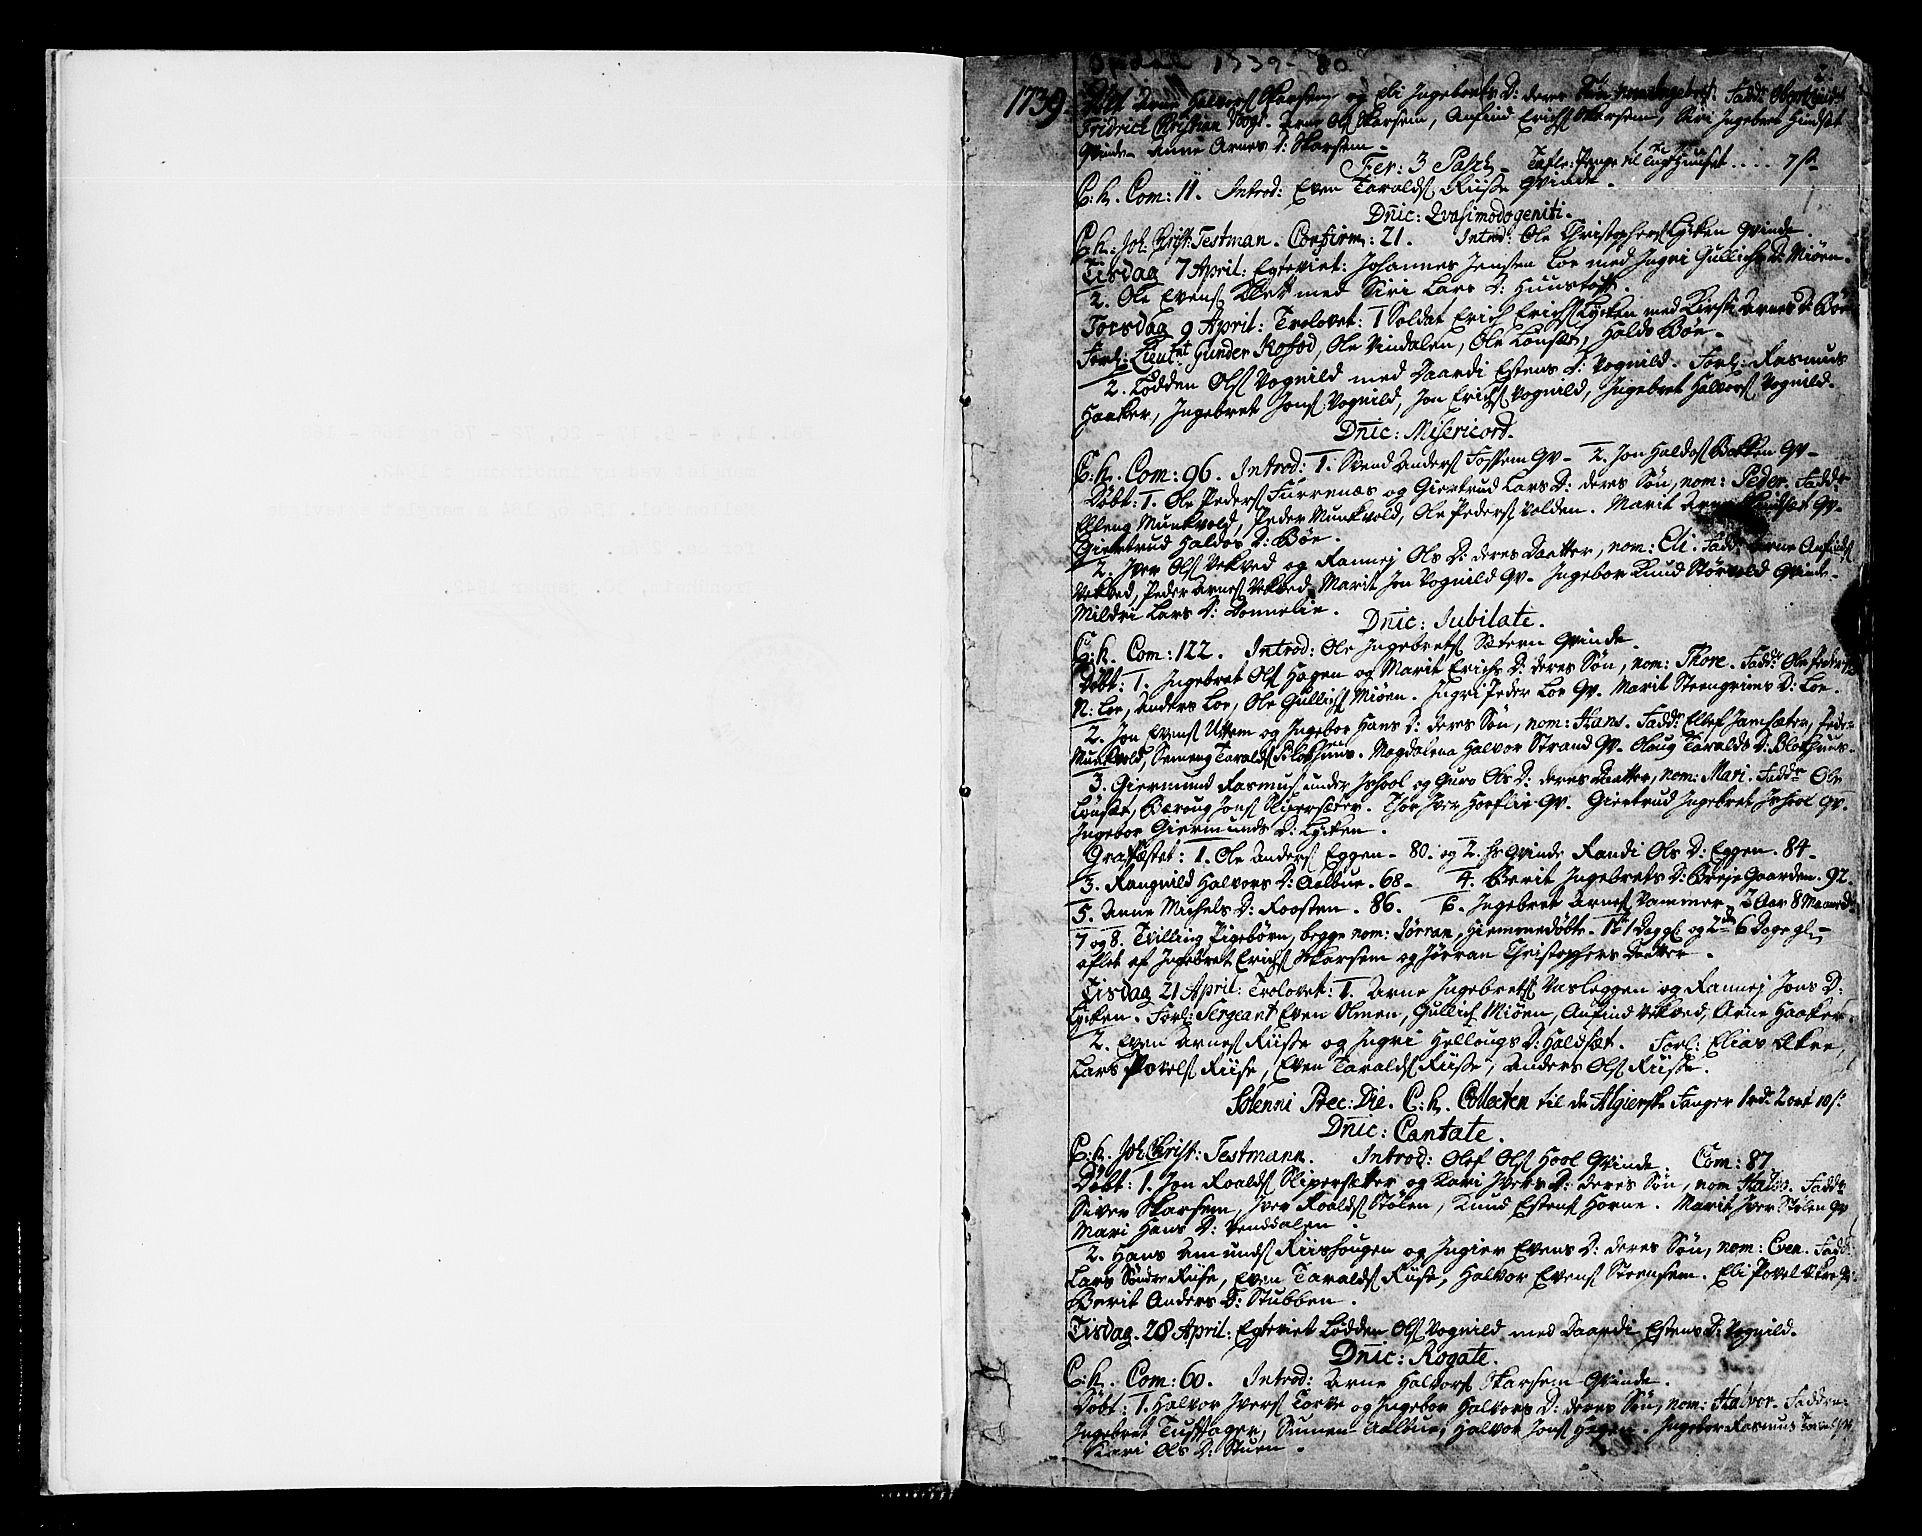 SAT, Ministerialprotokoller, klokkerbøker og fødselsregistre - Sør-Trøndelag, 678/L0891: Ministerialbok nr. 678A01, 1739-1780, s. 2